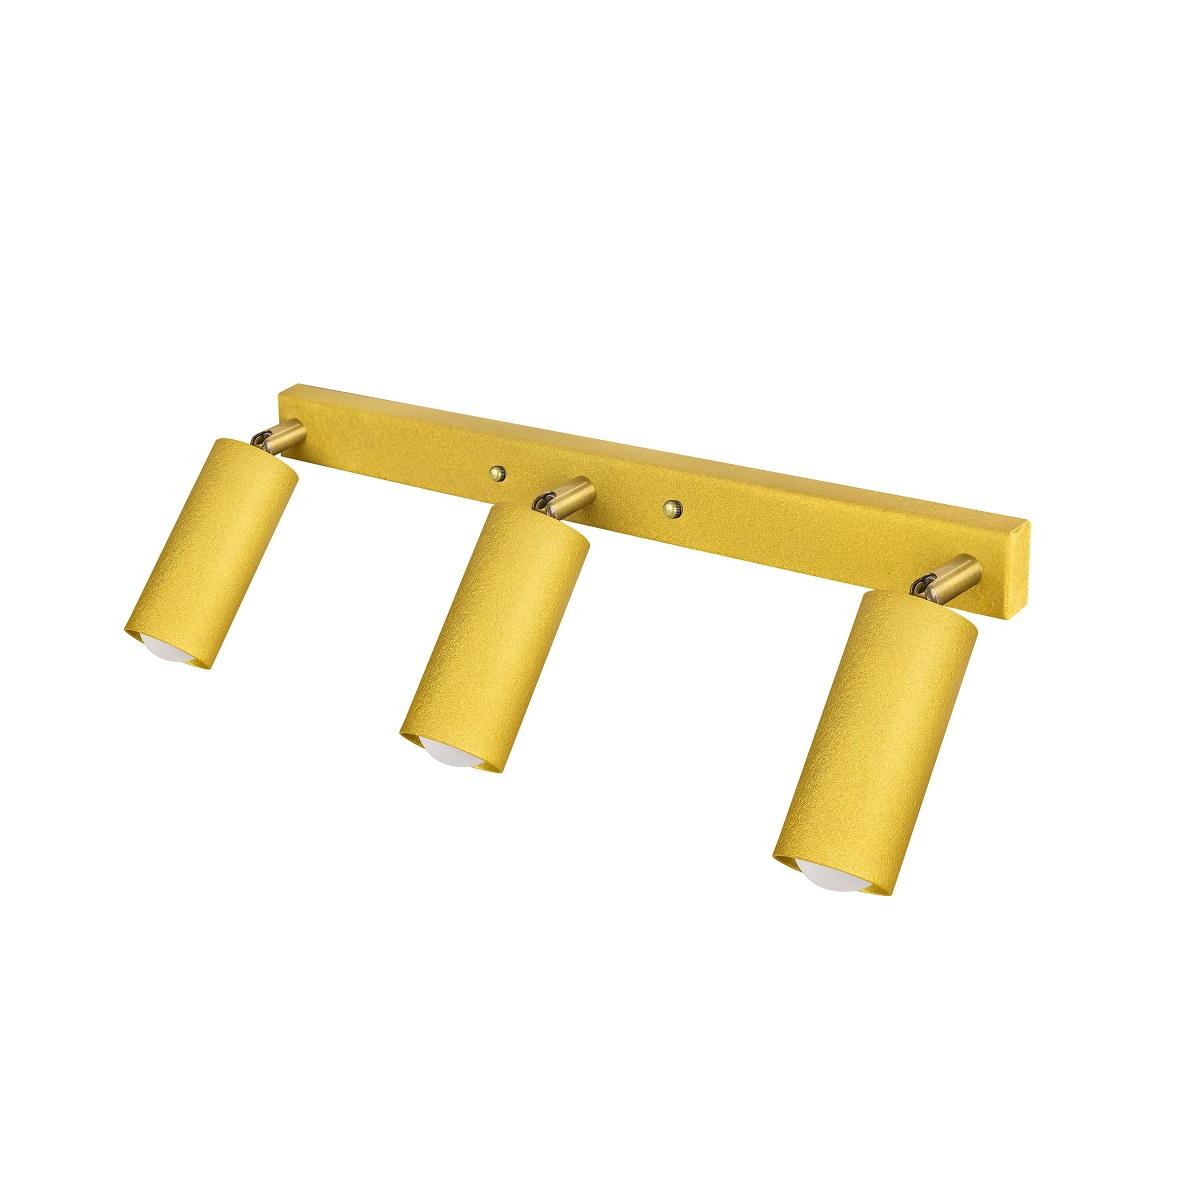 Світильники ЛОФТ - Люстра лофт потолочная с поворотным плафоном 000002756 - Фото 3